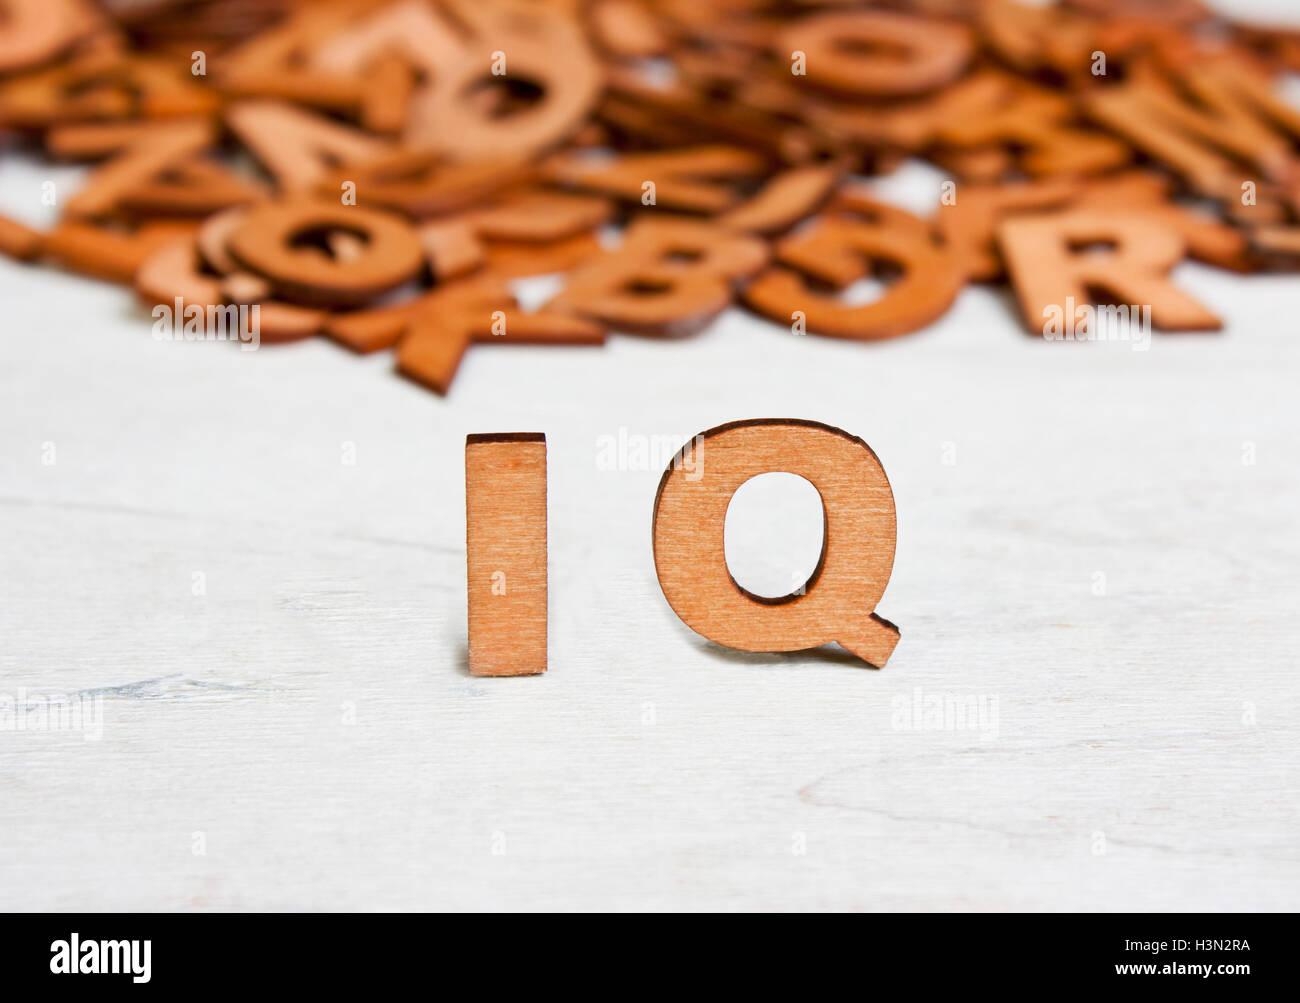 Wort-IQ (Intelligenzquotient) mit Holzbuchstaben auf einem Hintergrund von anderen verschwommenen Buchstaben gemacht Stockbild